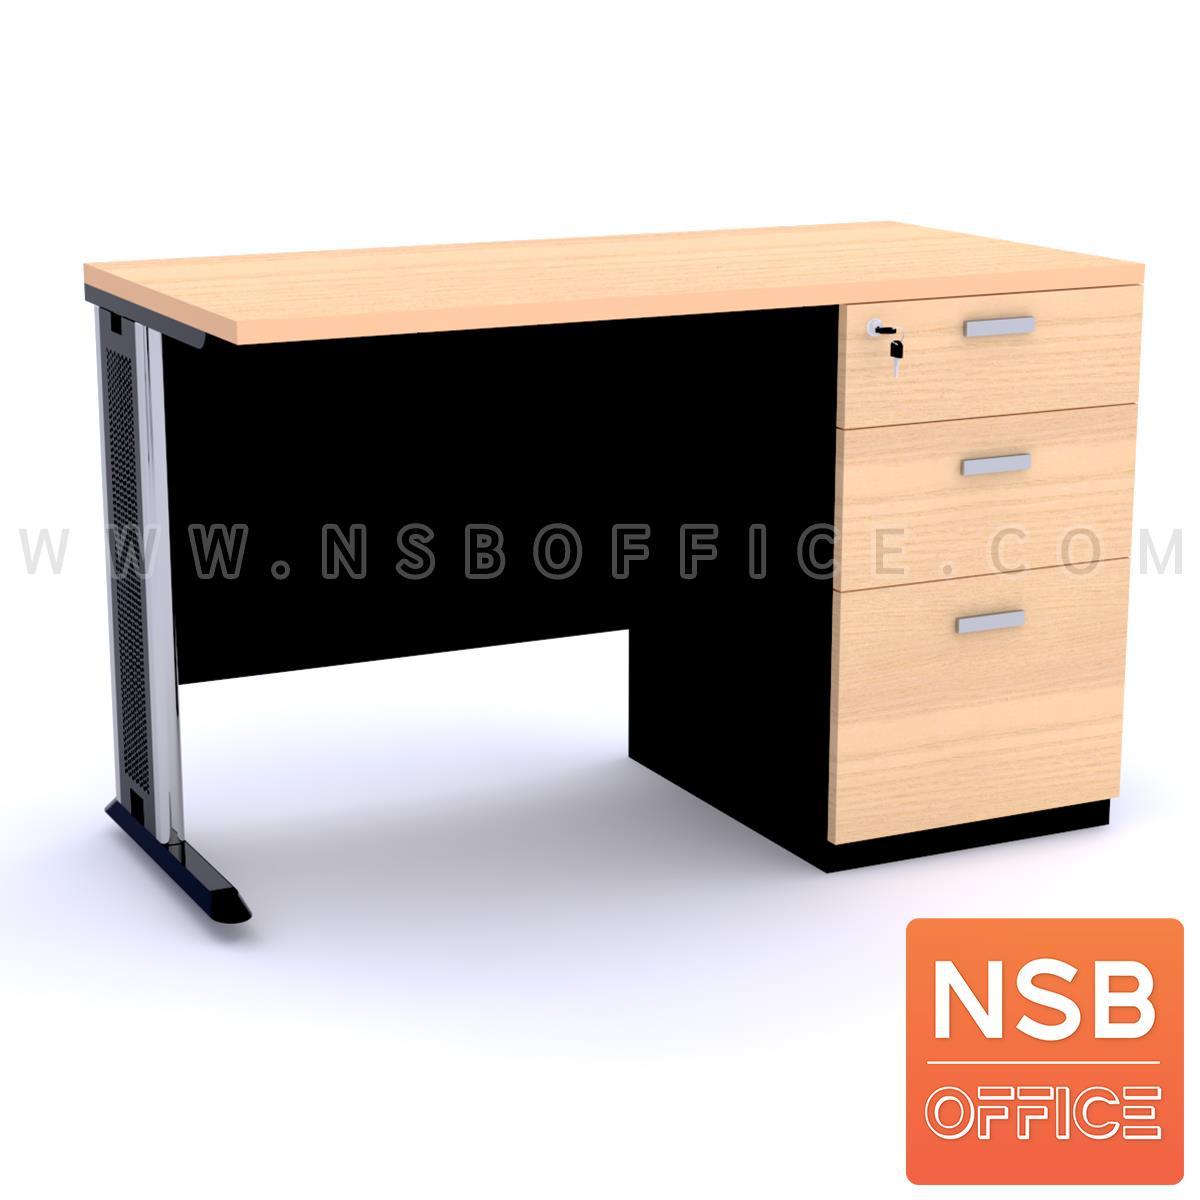 A18A036:โต๊ะทำงาน 3 ลิ้นชักข้างขาทึบ รุ่น Eterna (อีเทอร์นา) ขนาด 120W ,135W ,150W ,180W cm.  ขาเหล็กตัวแอล